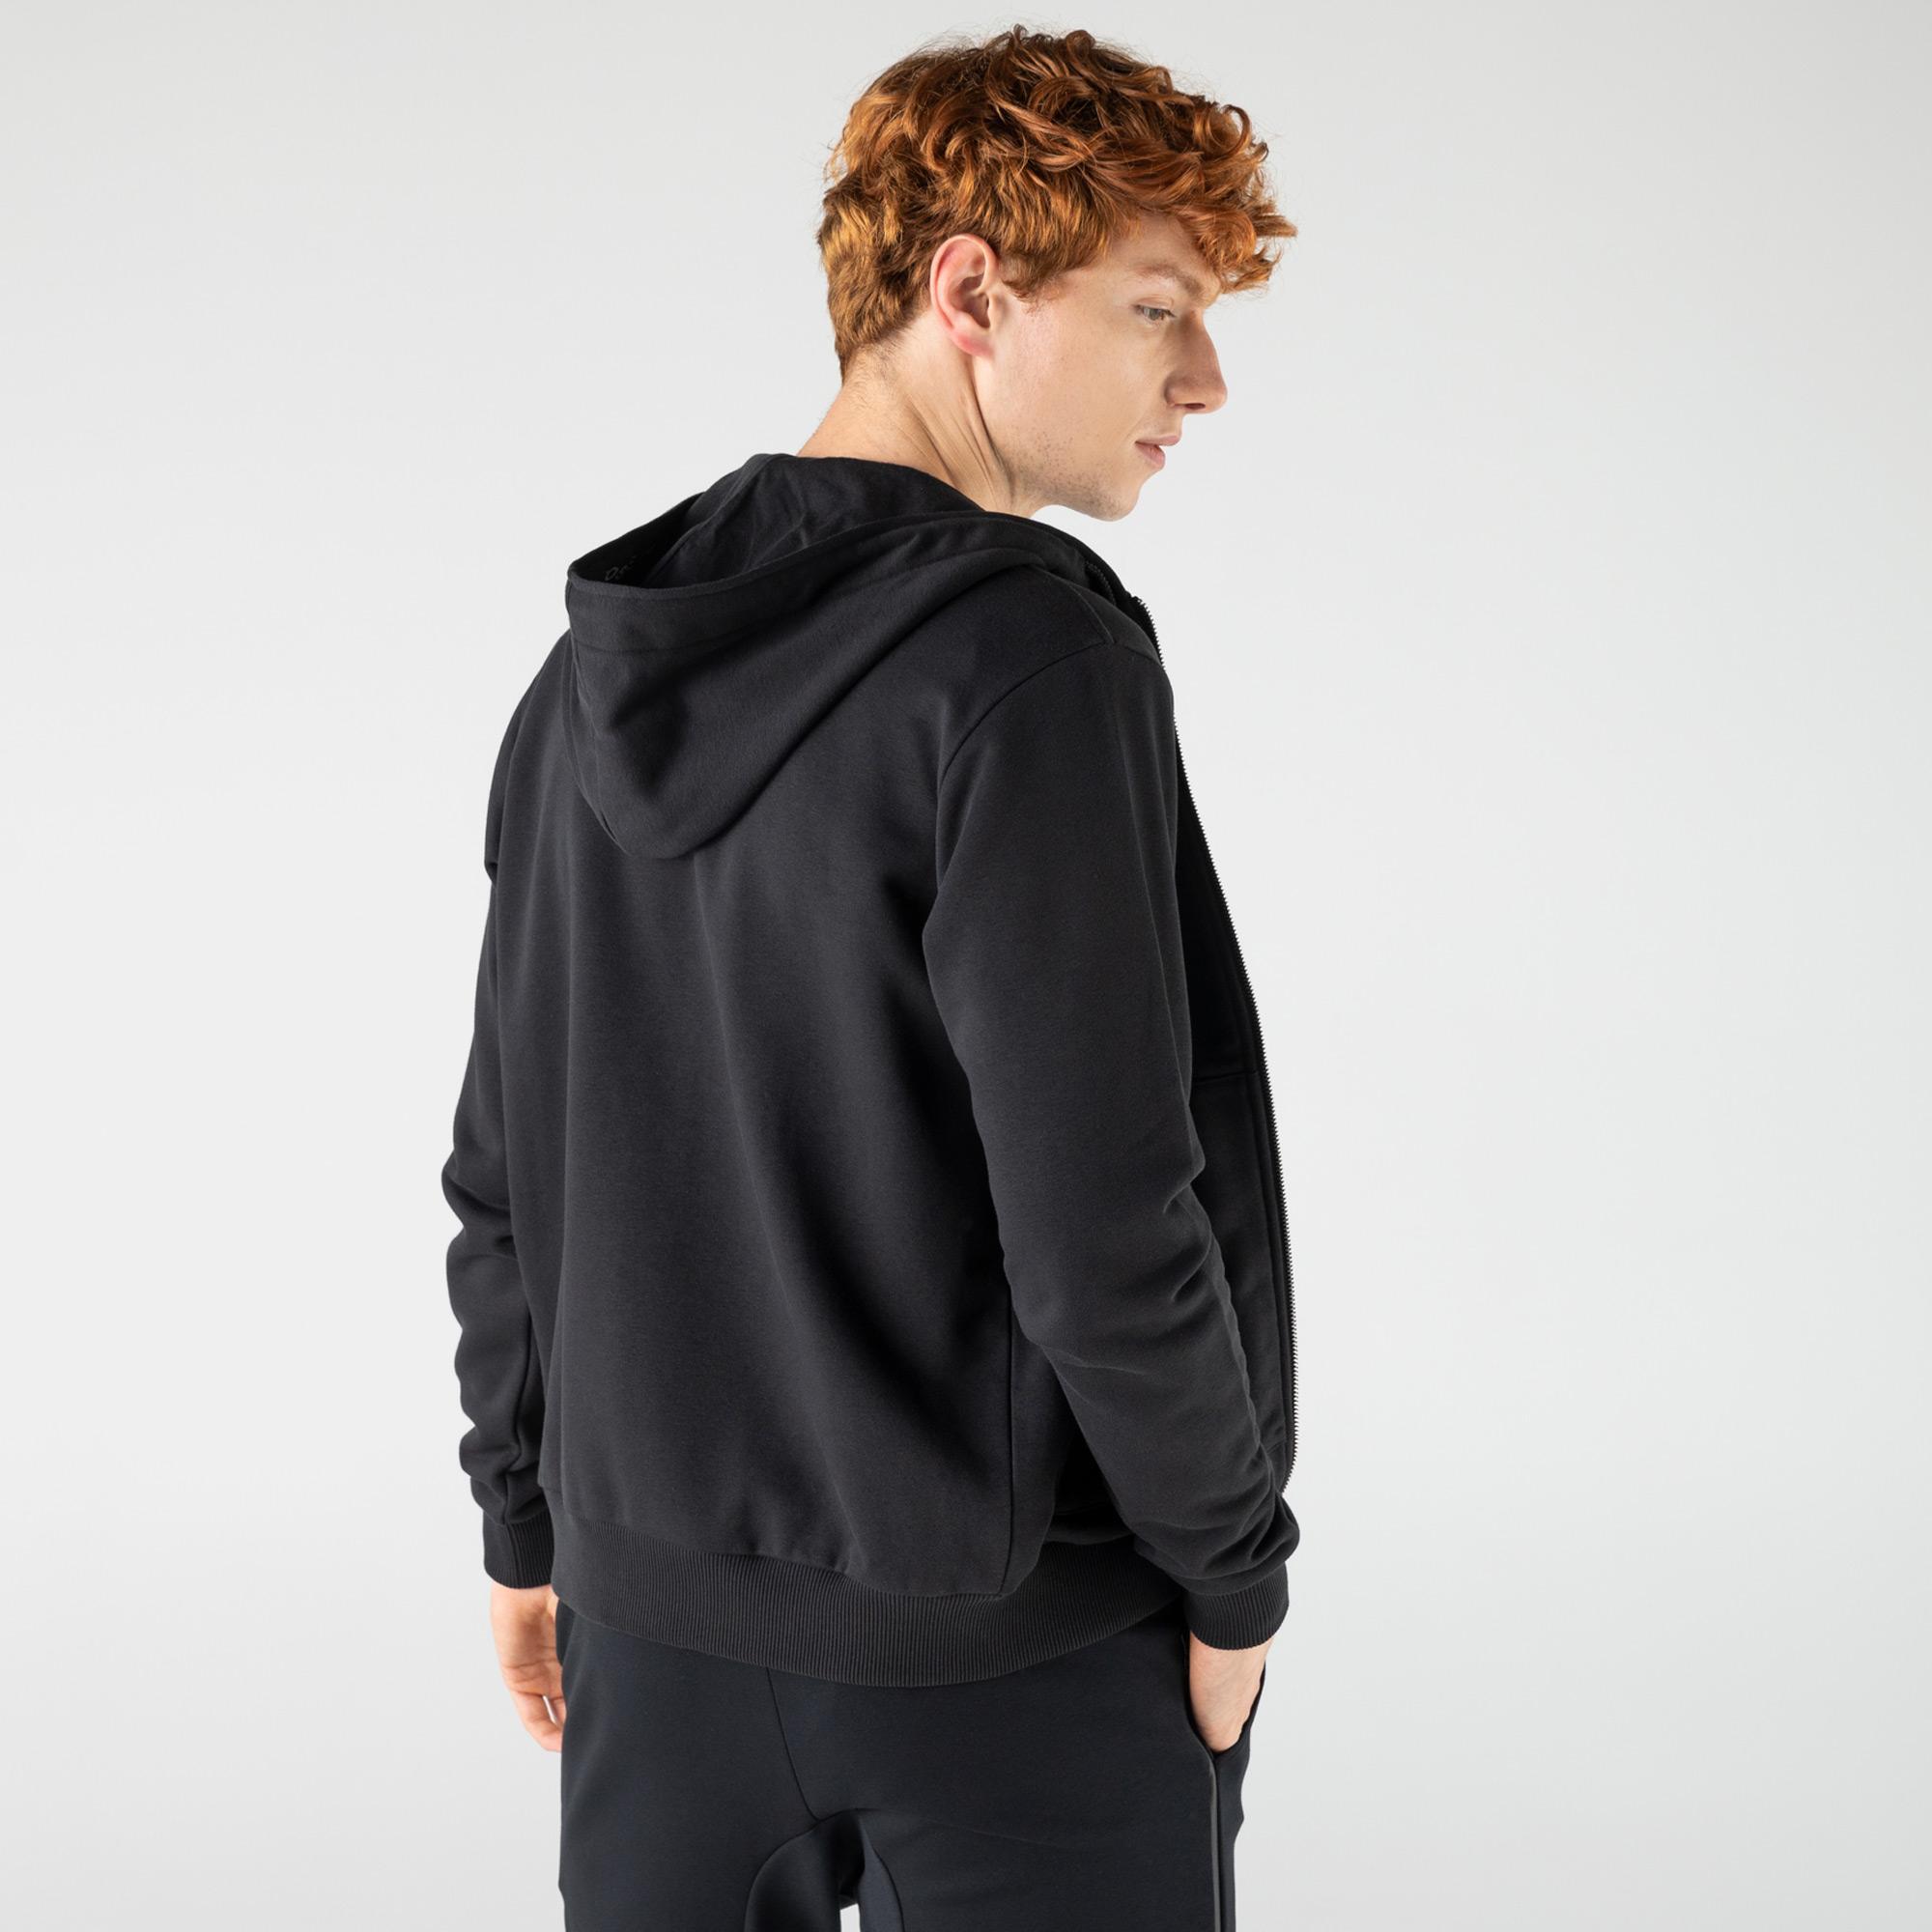 Lacoste Men's Hoodie Sweatshirt